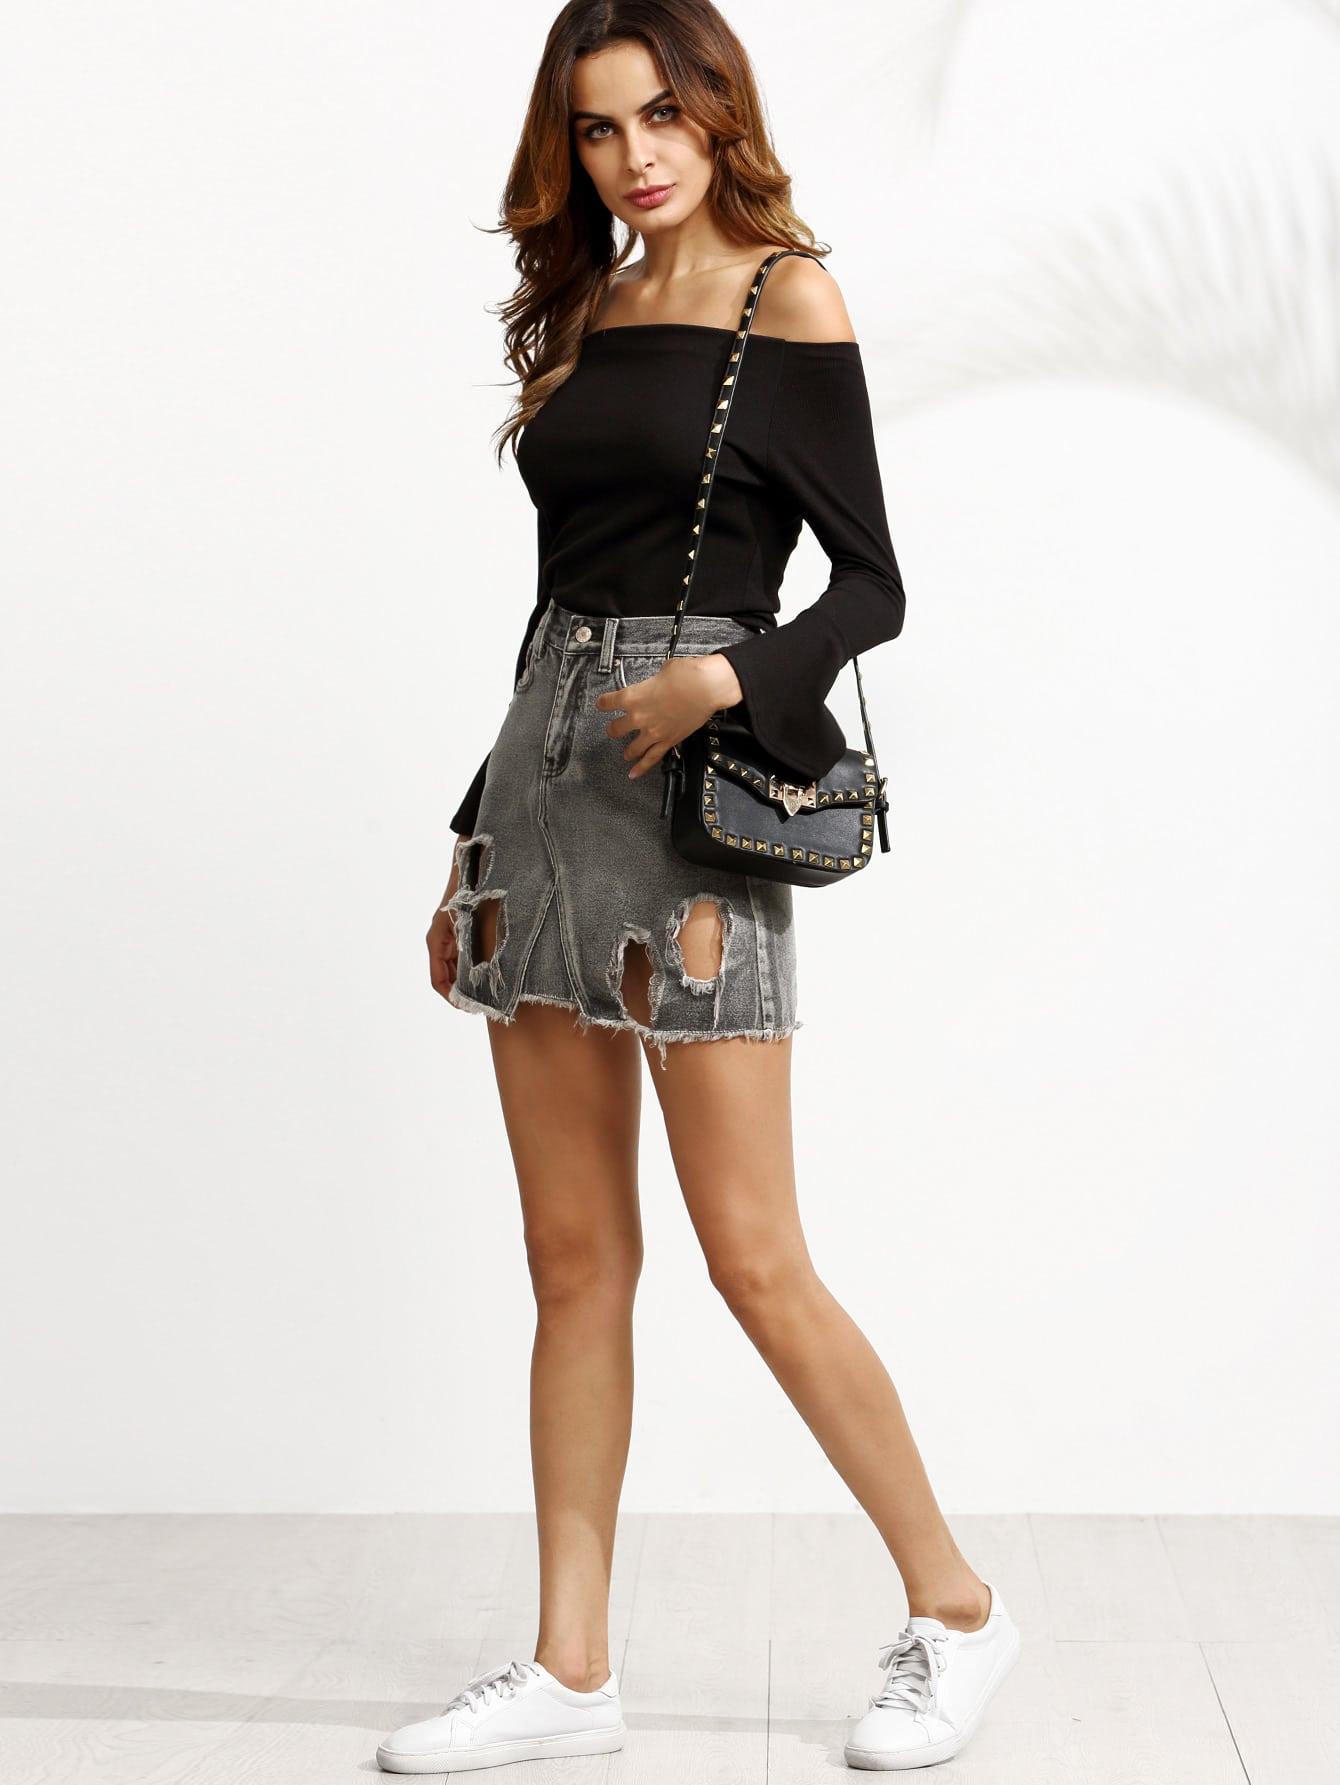 skirt160901401_2